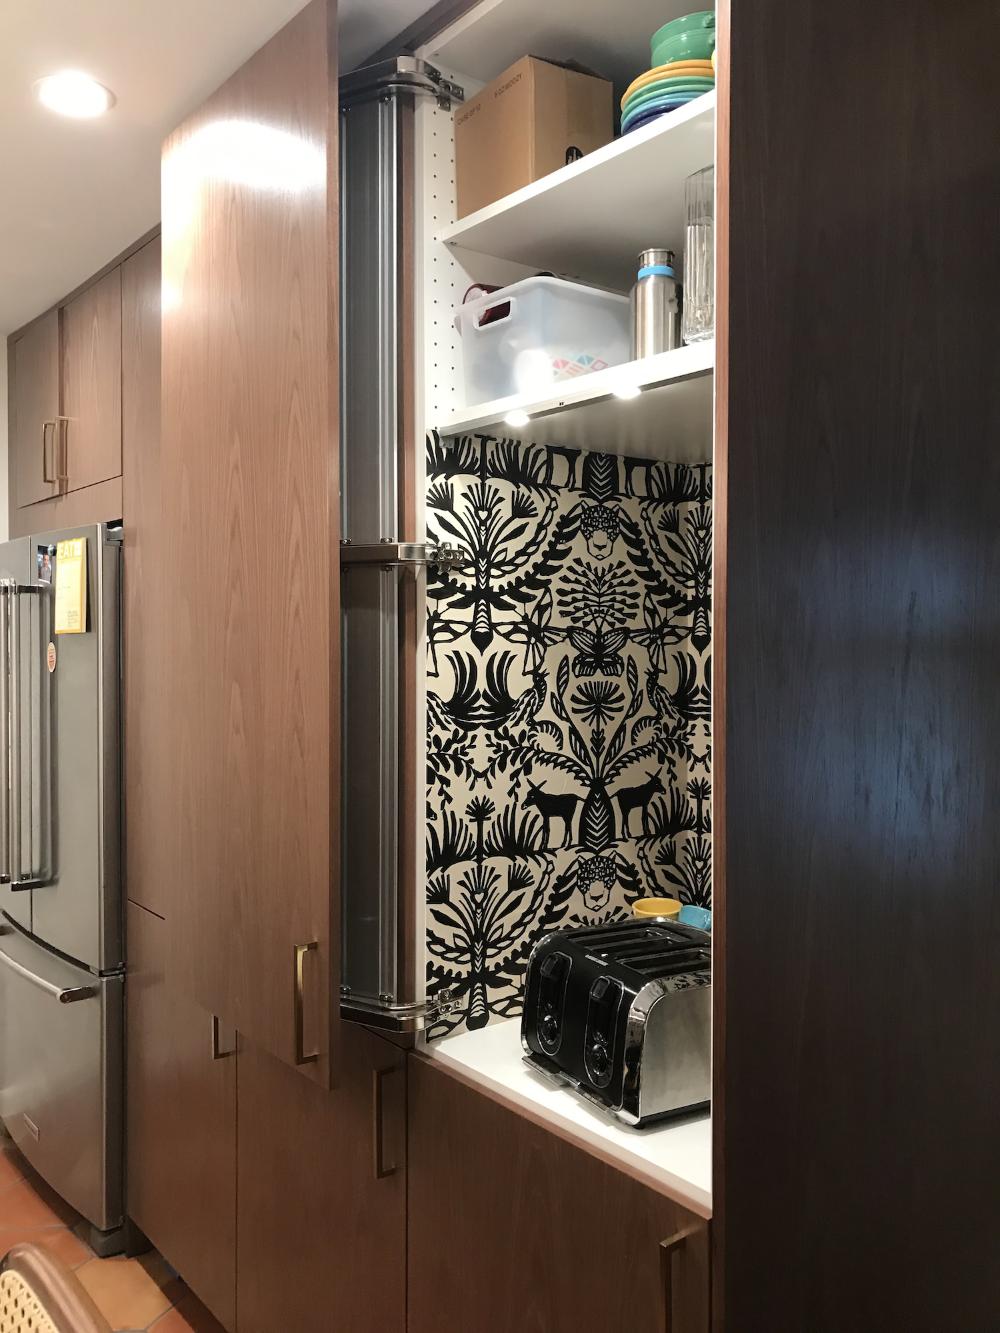 Kitchen SEKTION Ikea Hack shallower cane doors